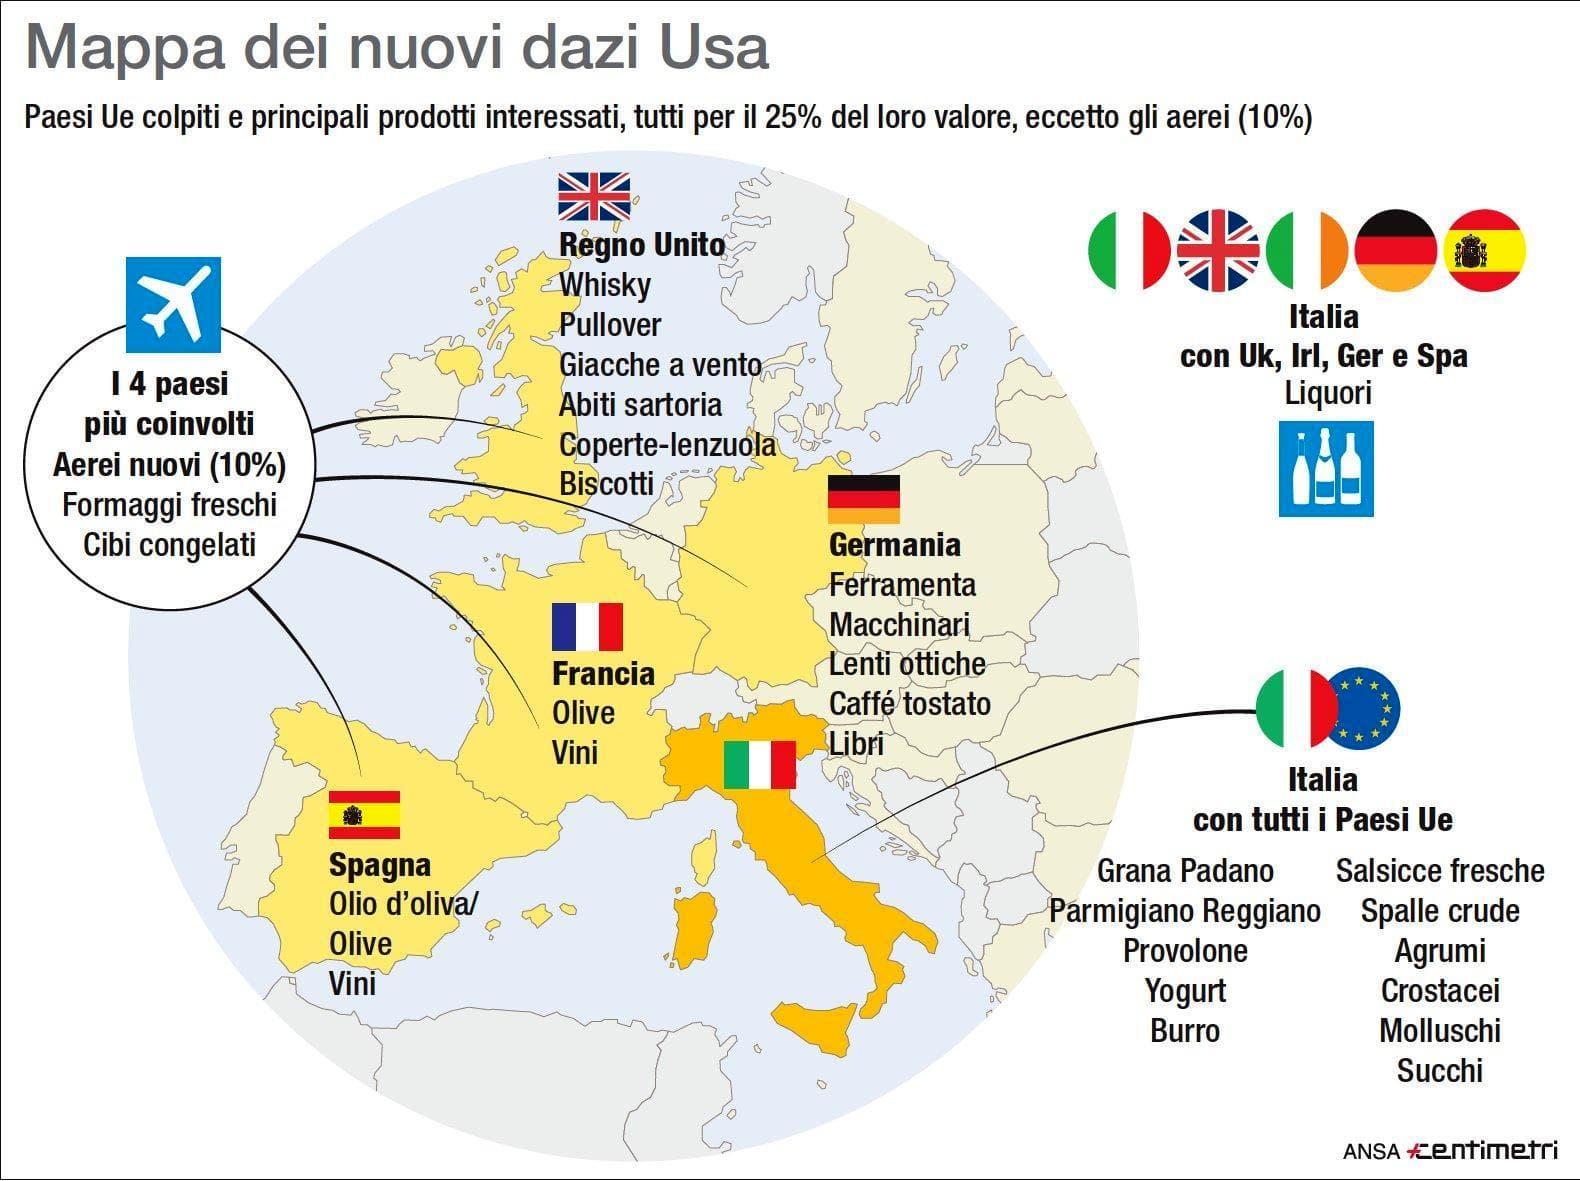 dazi-usa-infografica-ansa-3